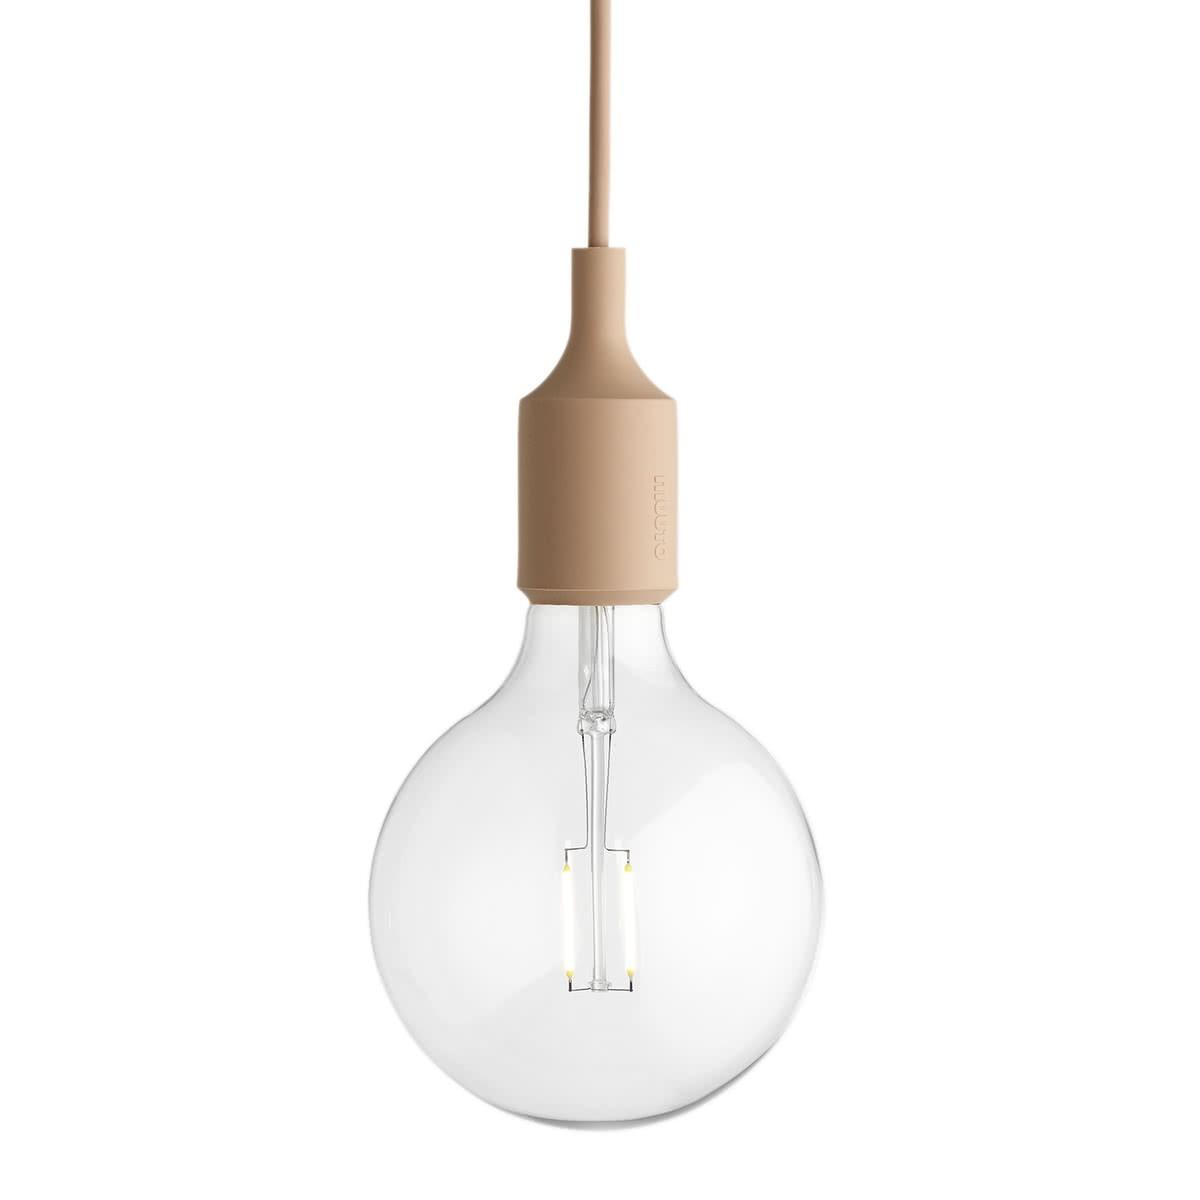 Výprodej Muuto závěsná svítidla E27